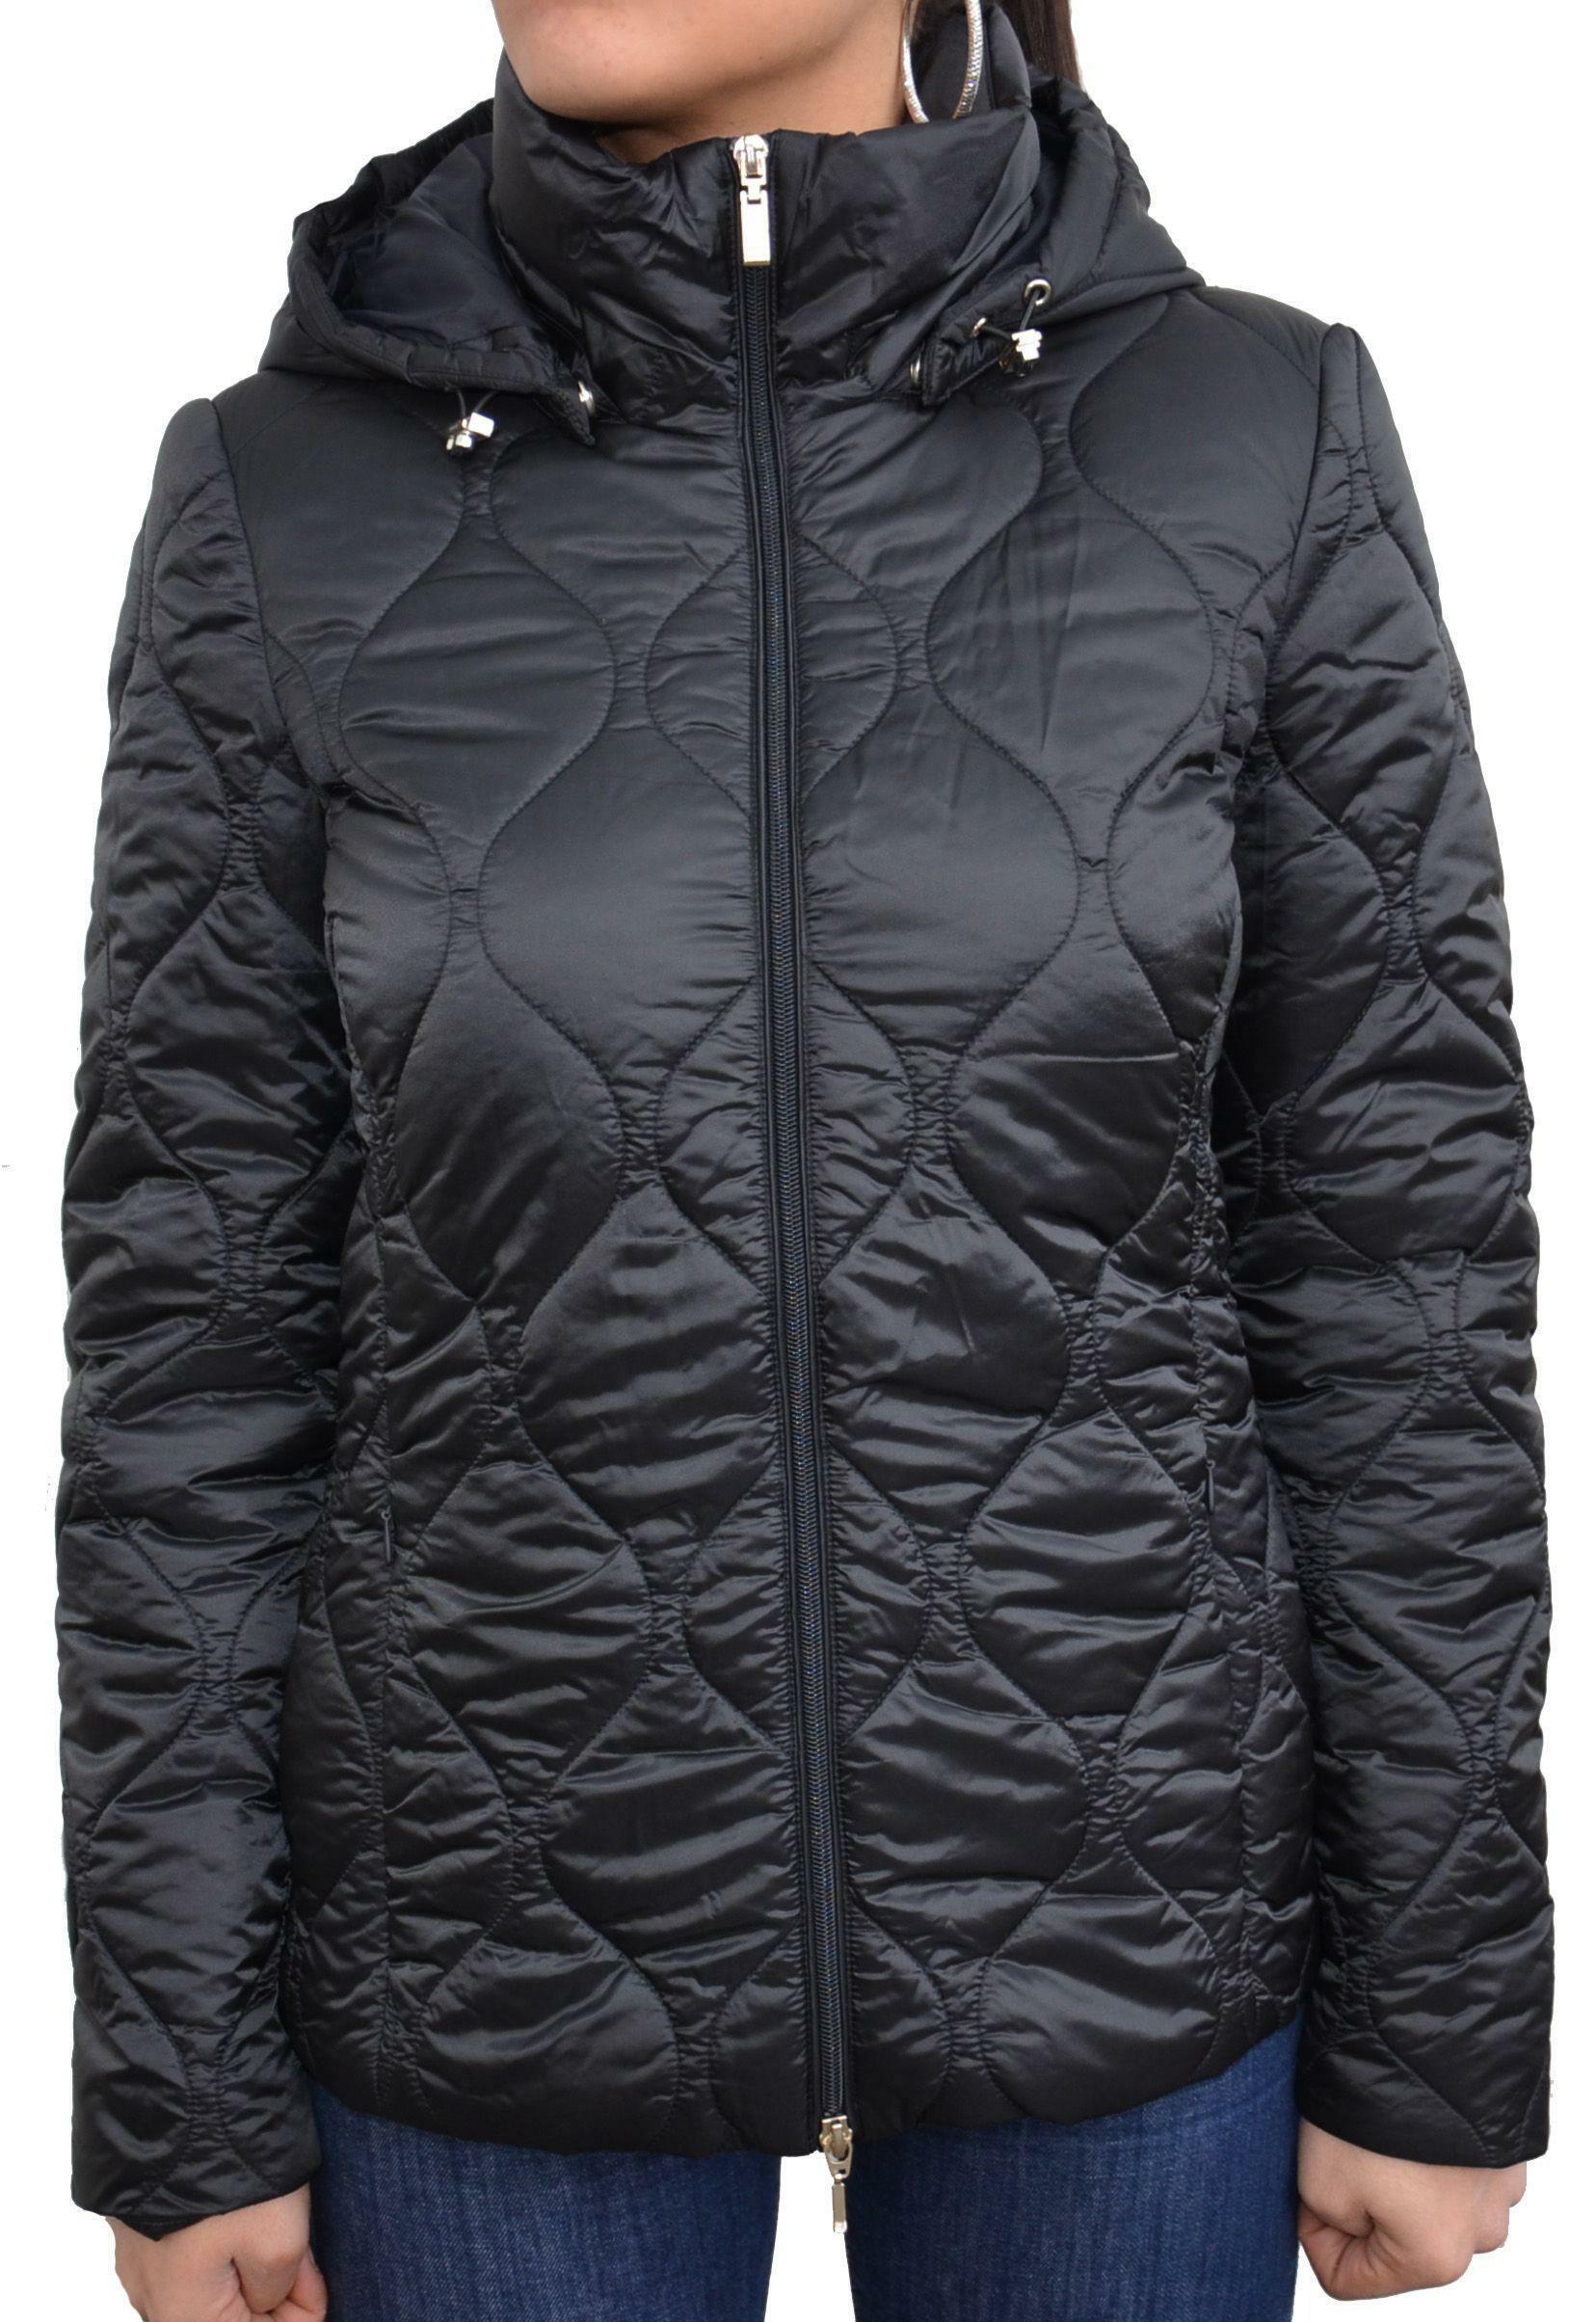 geox geox woman jacket black giubbotto donna nero w7420t